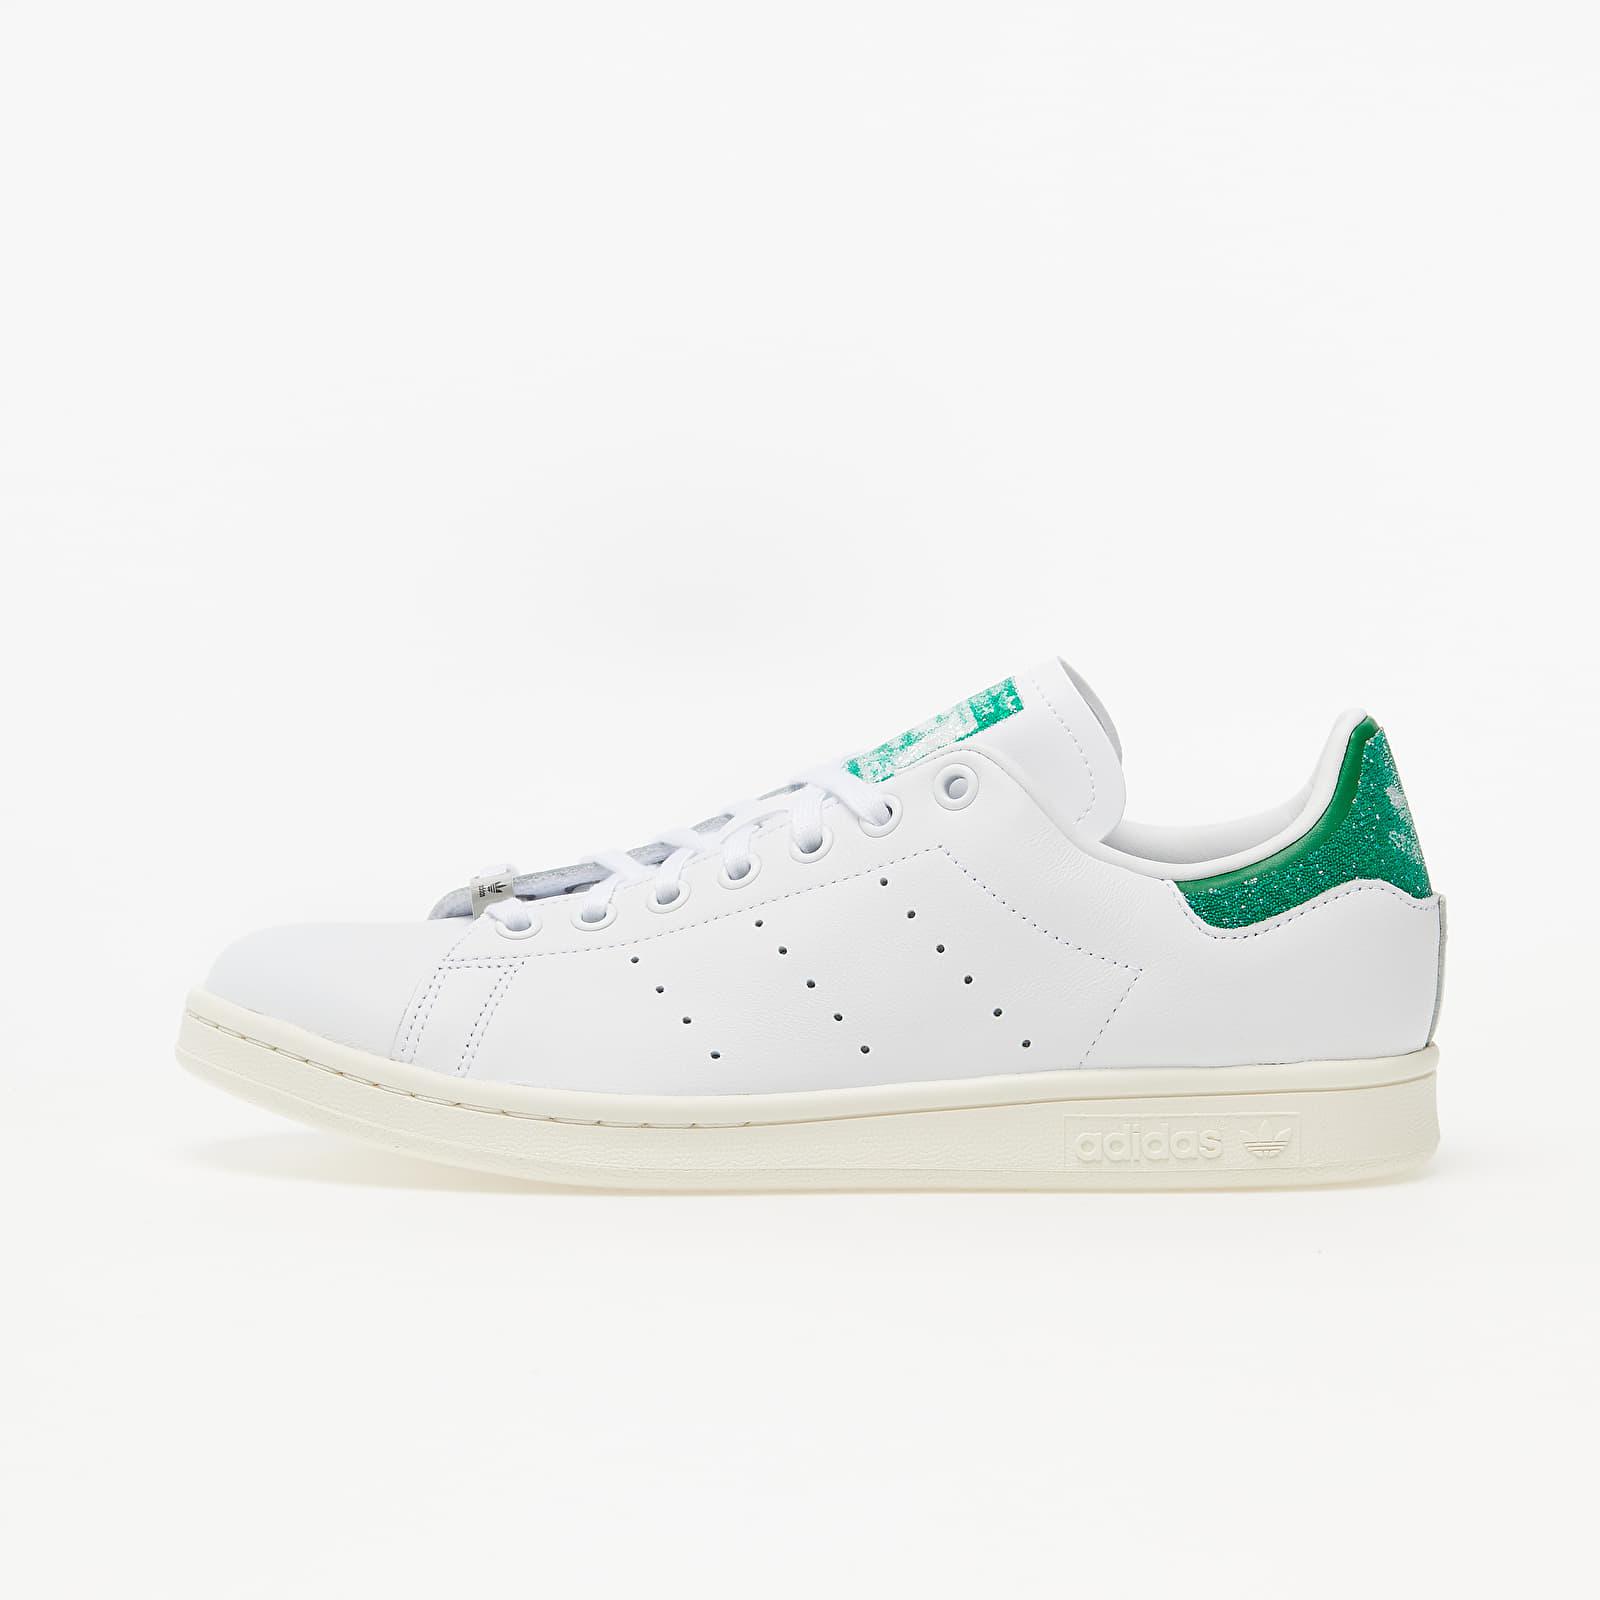 adidas x Swarovski Stan Smith Ftw White/ Green/ Off White FX7482